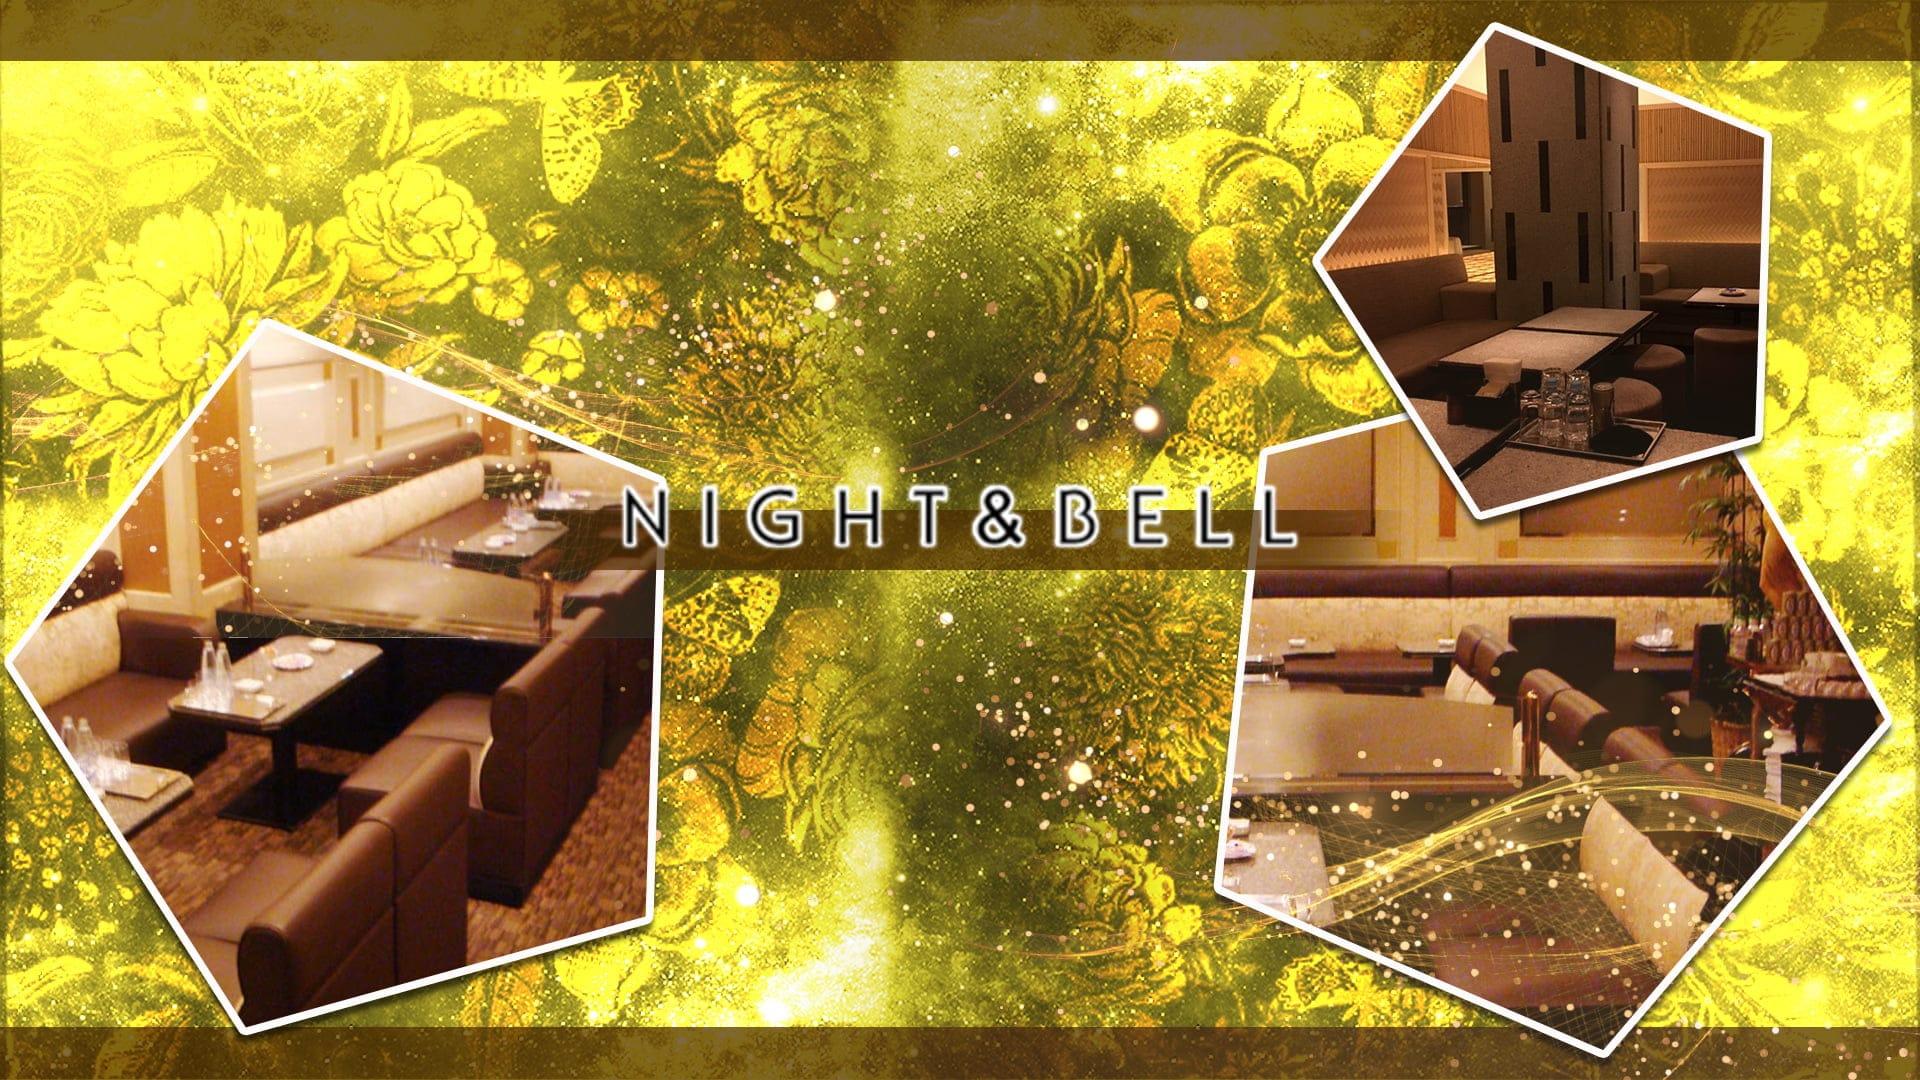 NIGHT&BELL〈ナイト&ベル〉【公式求人・体入情報】 北新地ラウンジ TOP画像